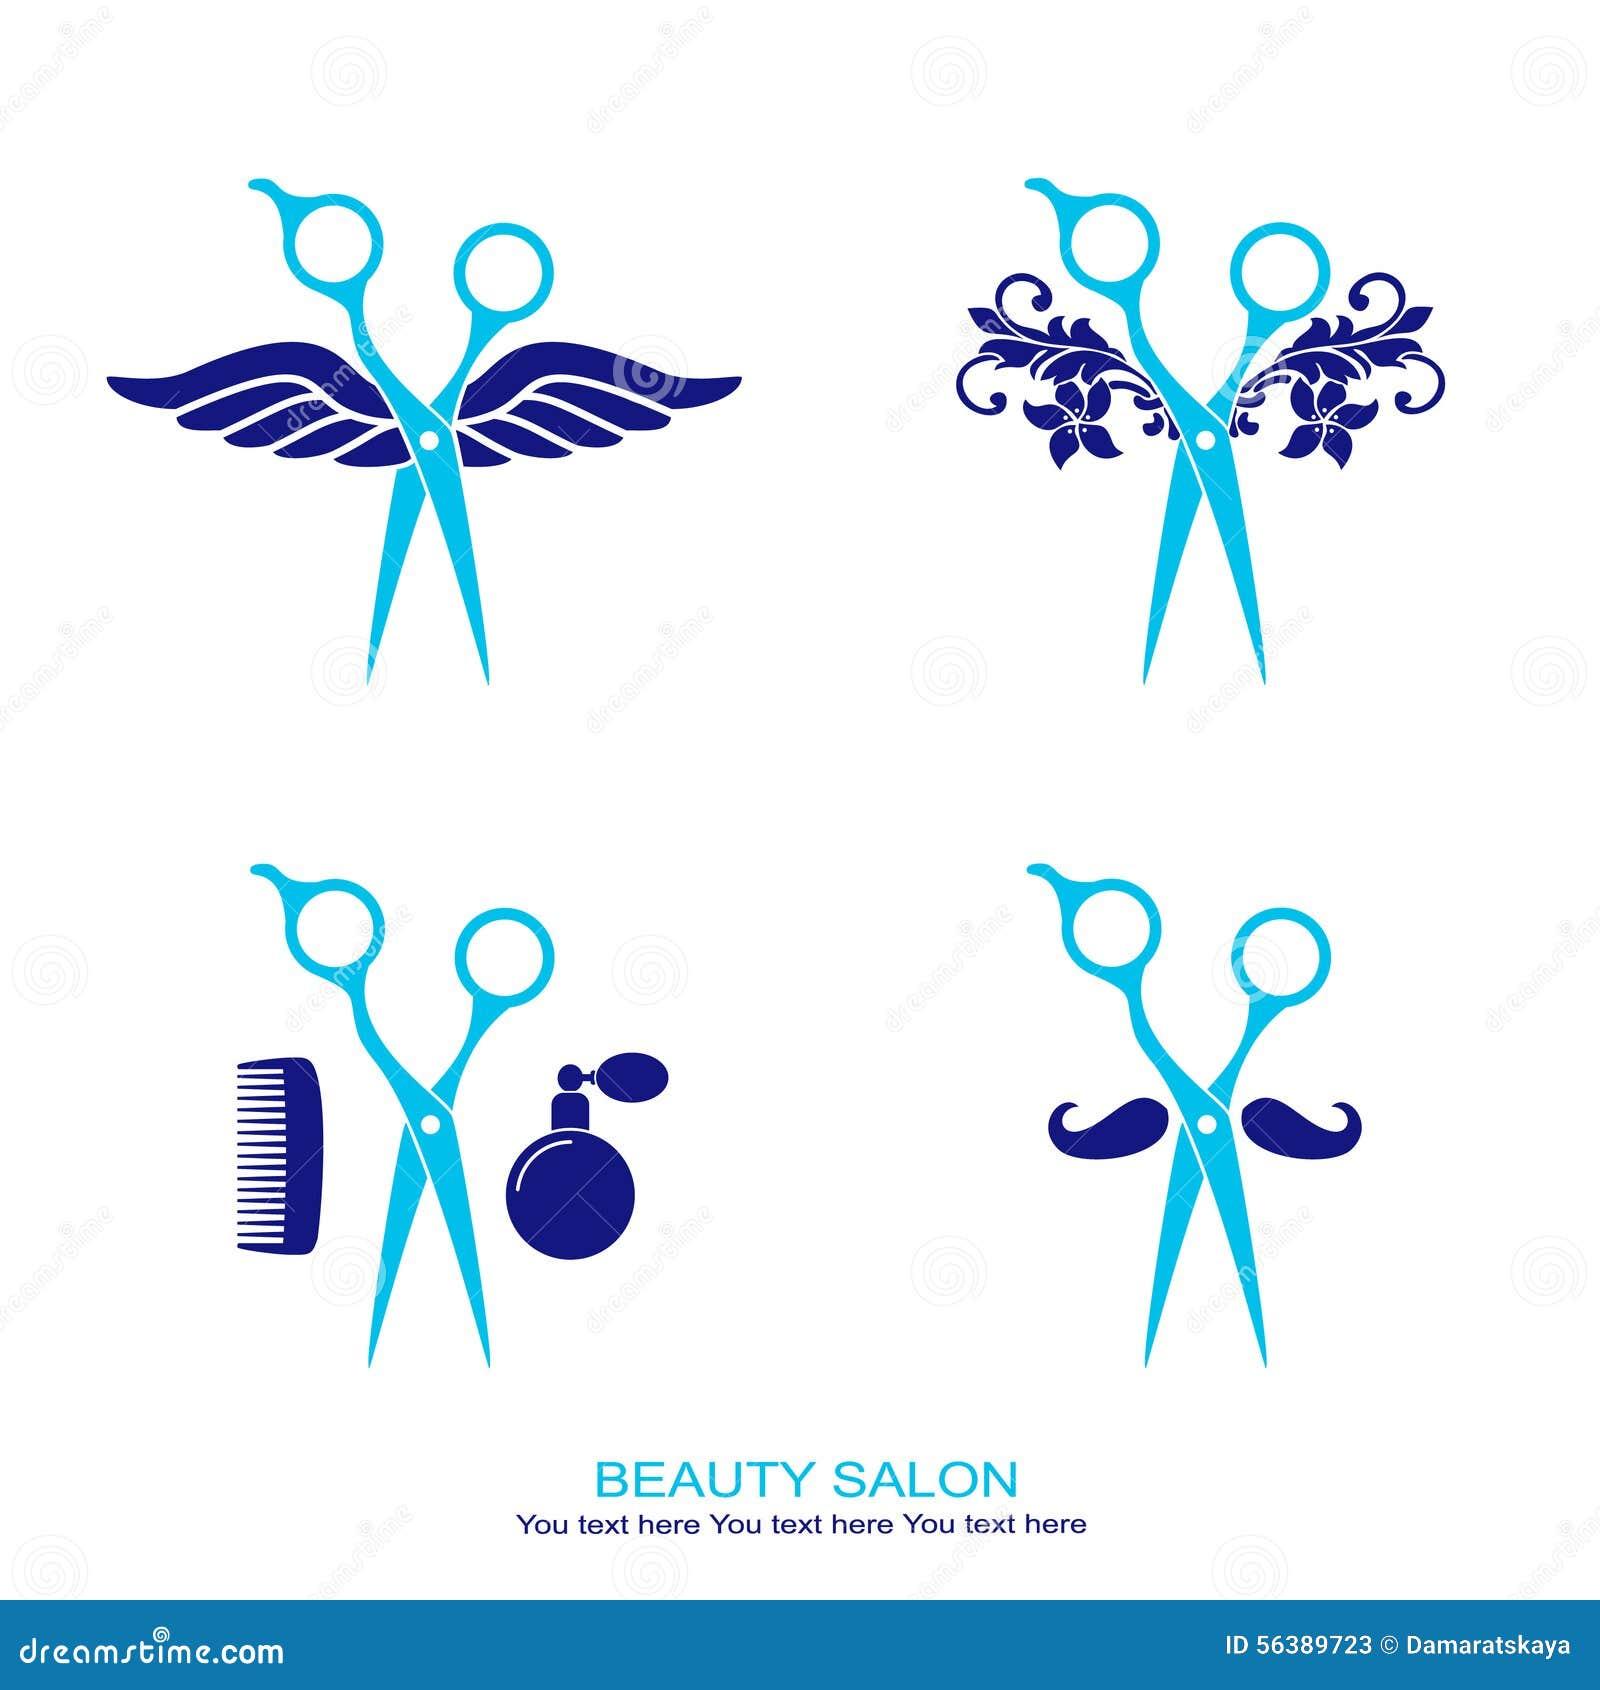 Logo De Salon De Coiffure Ru00e9glu00e9 Avec Des Ciseaux Illustration de Vecteur - Image 56389723